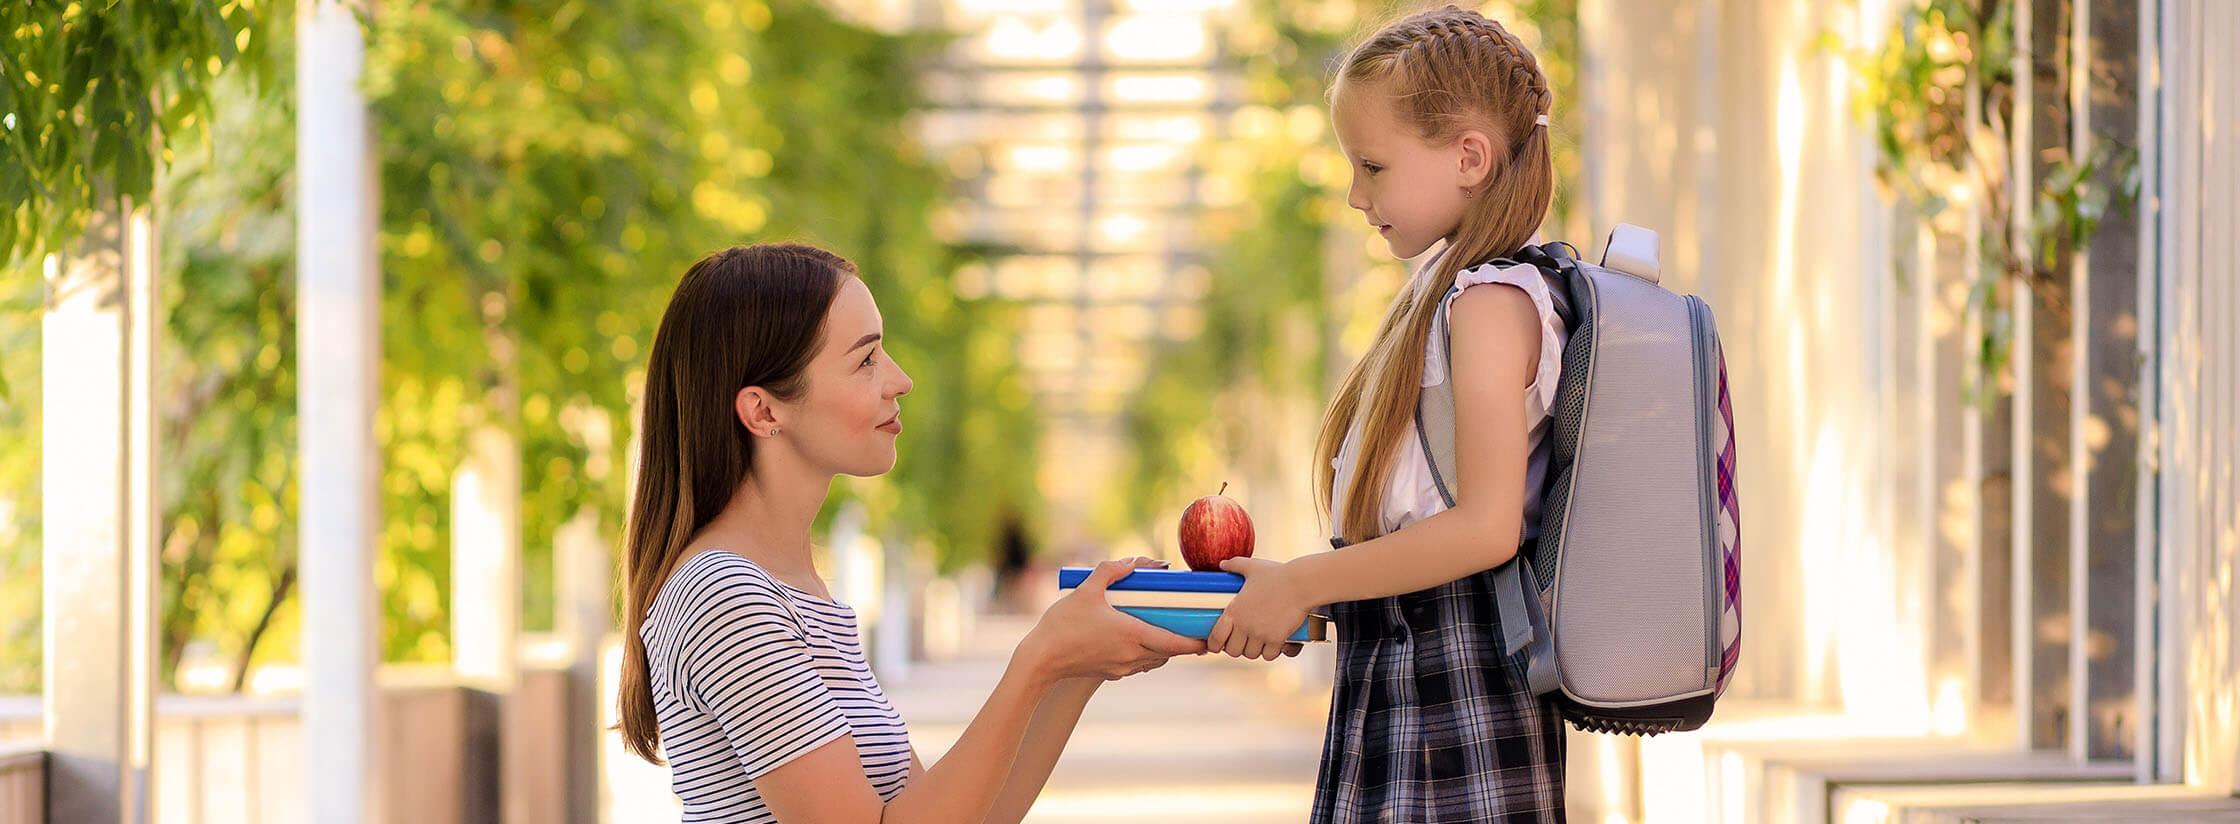 Mère donnant des livres et une pomme à sa fille